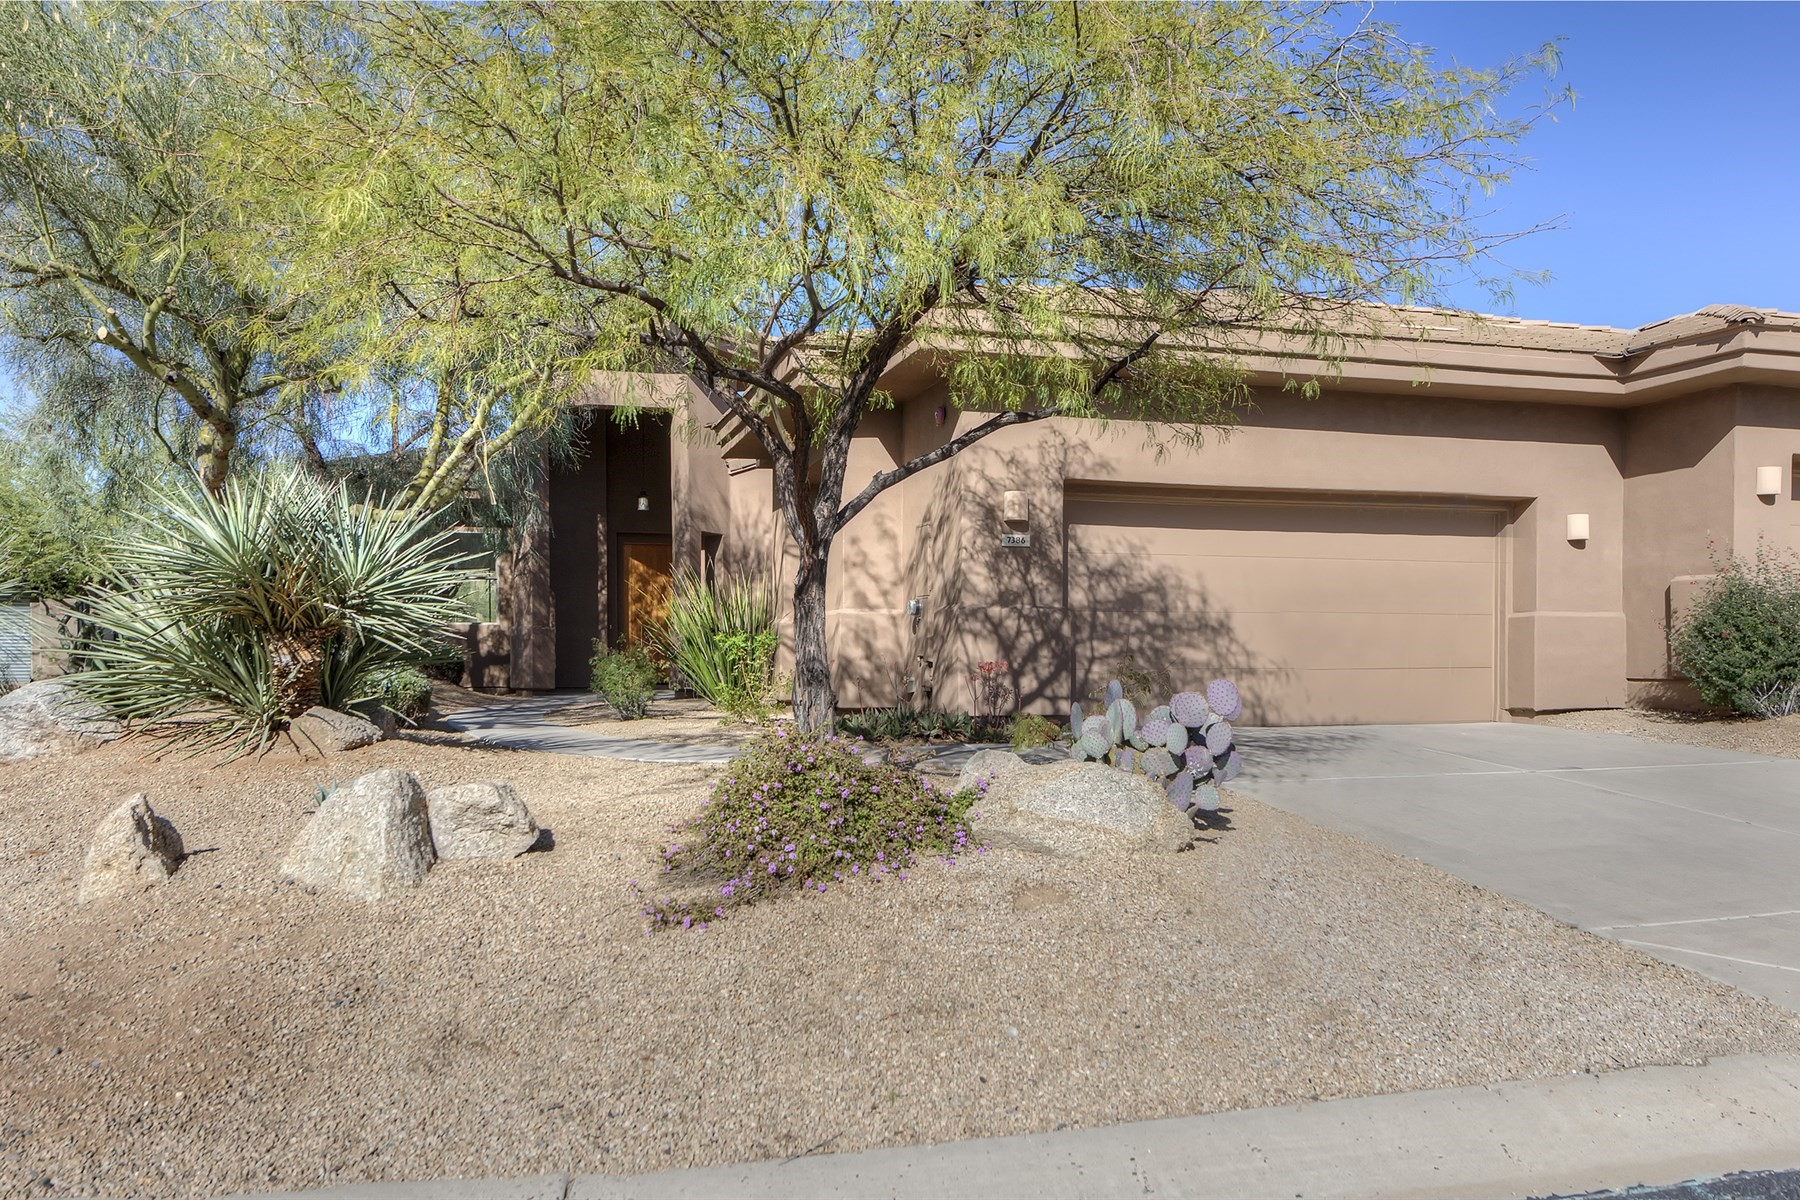 Maison unifamiliale pour l Vente à Stunning mountain views from this perfectly situated villa on a quiet cul de sac 7386 E Quien Sabe Way Scottsdale, Arizona, 85266 États-Unis